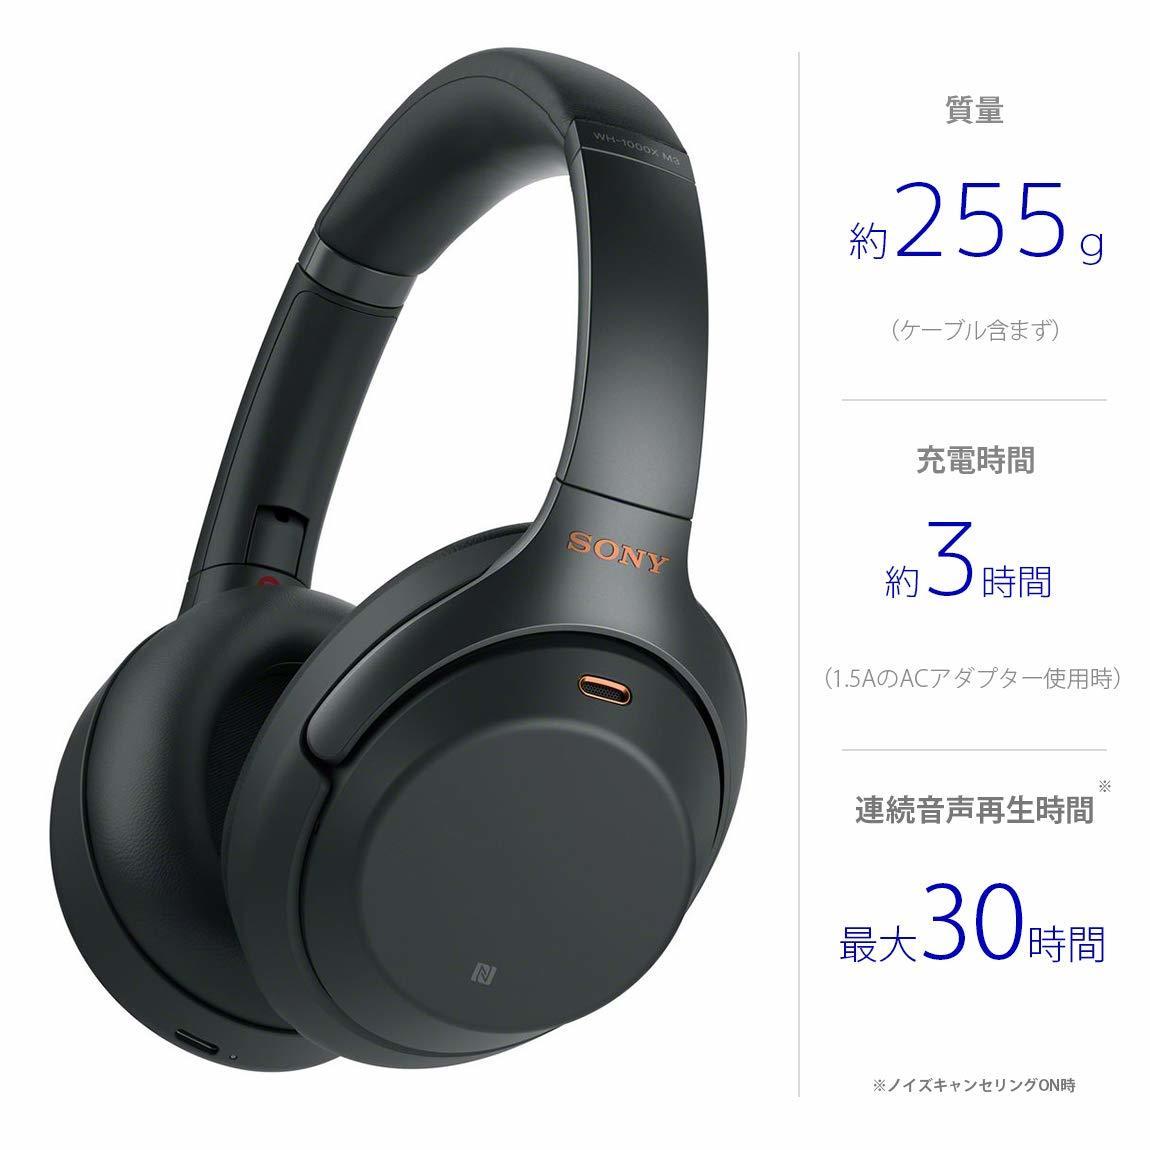 新品 ソニー SONY ワイヤレスノイズキャンセリングヘッドホン WH-1000XM3 ブラック ハイレゾ メーカーの保証付き 条件付き送料無料